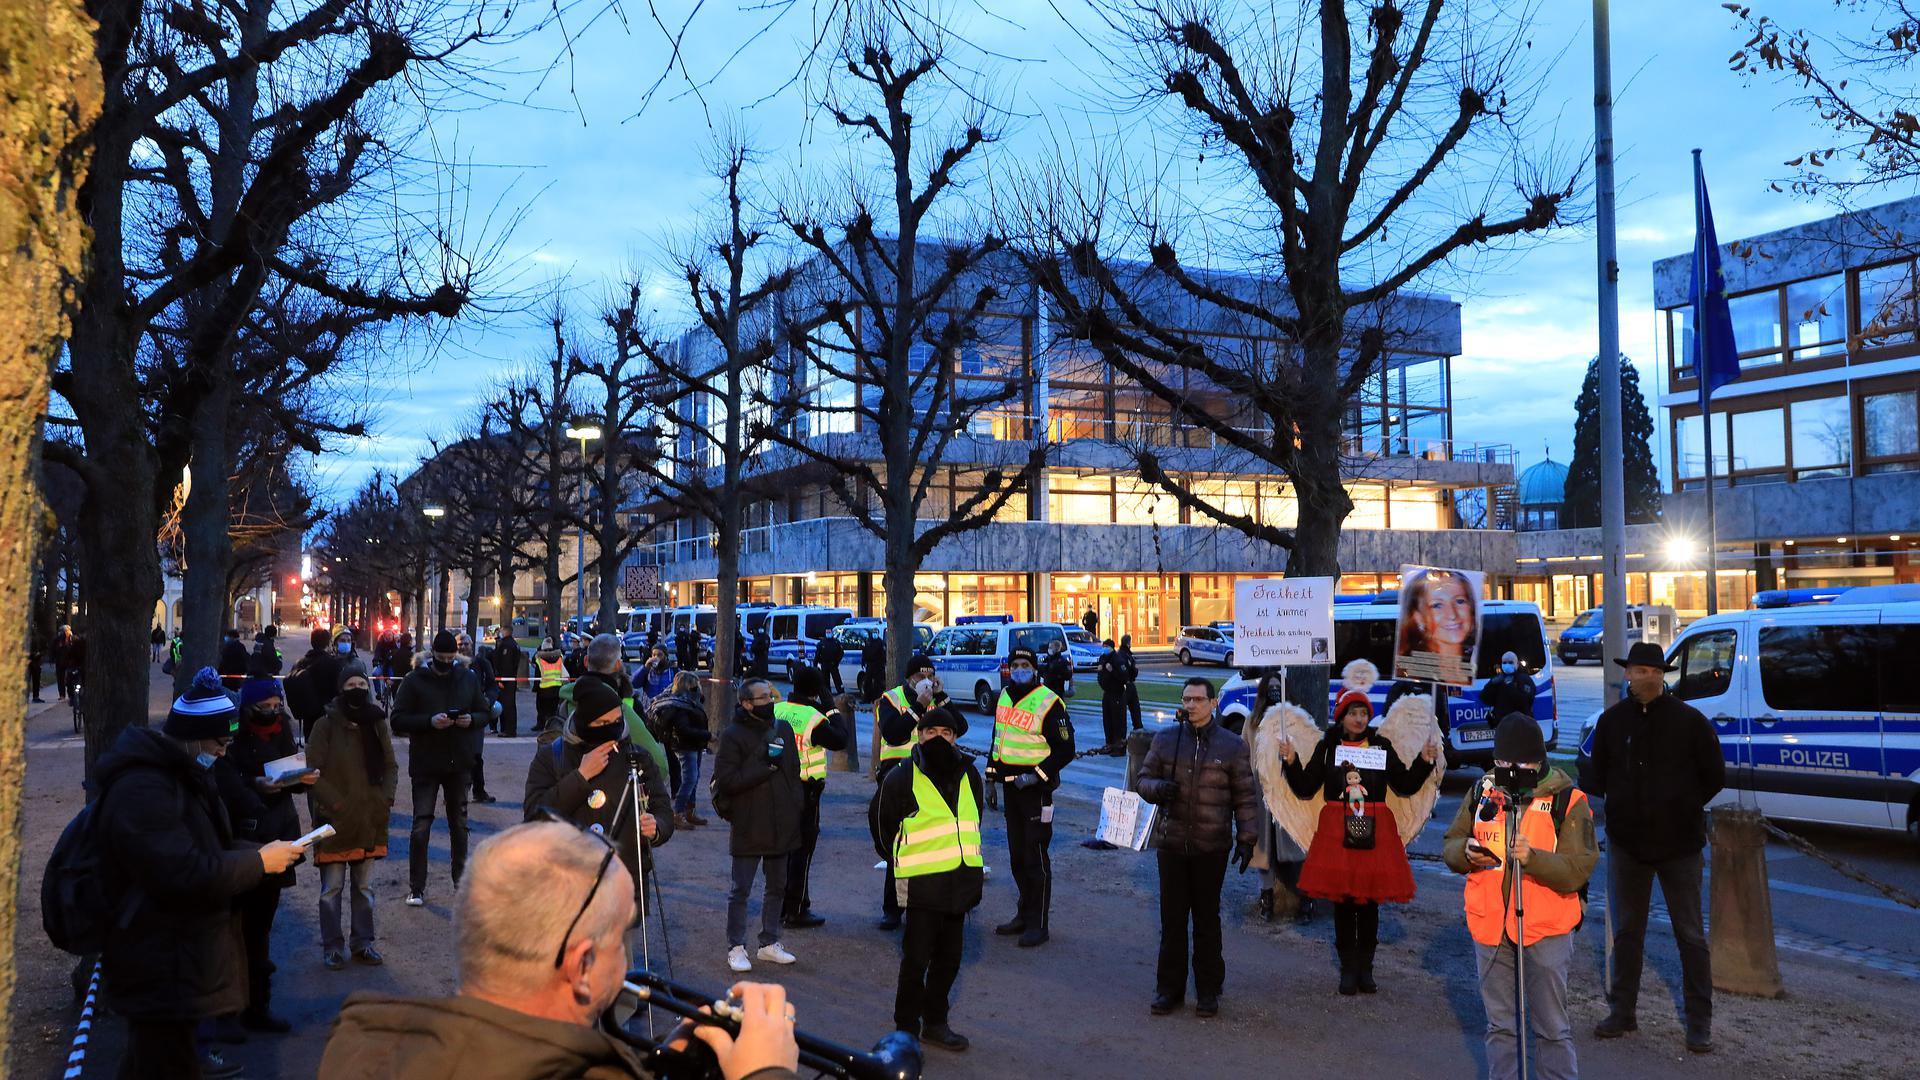 Protest vor dem Bundesverfassungsgericht: Rund 50 Kritiker der Corona-Regeln demonstrierten am Donnerstagnachmittag am Karlsruher Zirkel. Eine kleinere Gruppe bezog am Friedrichsplatz Stellung.